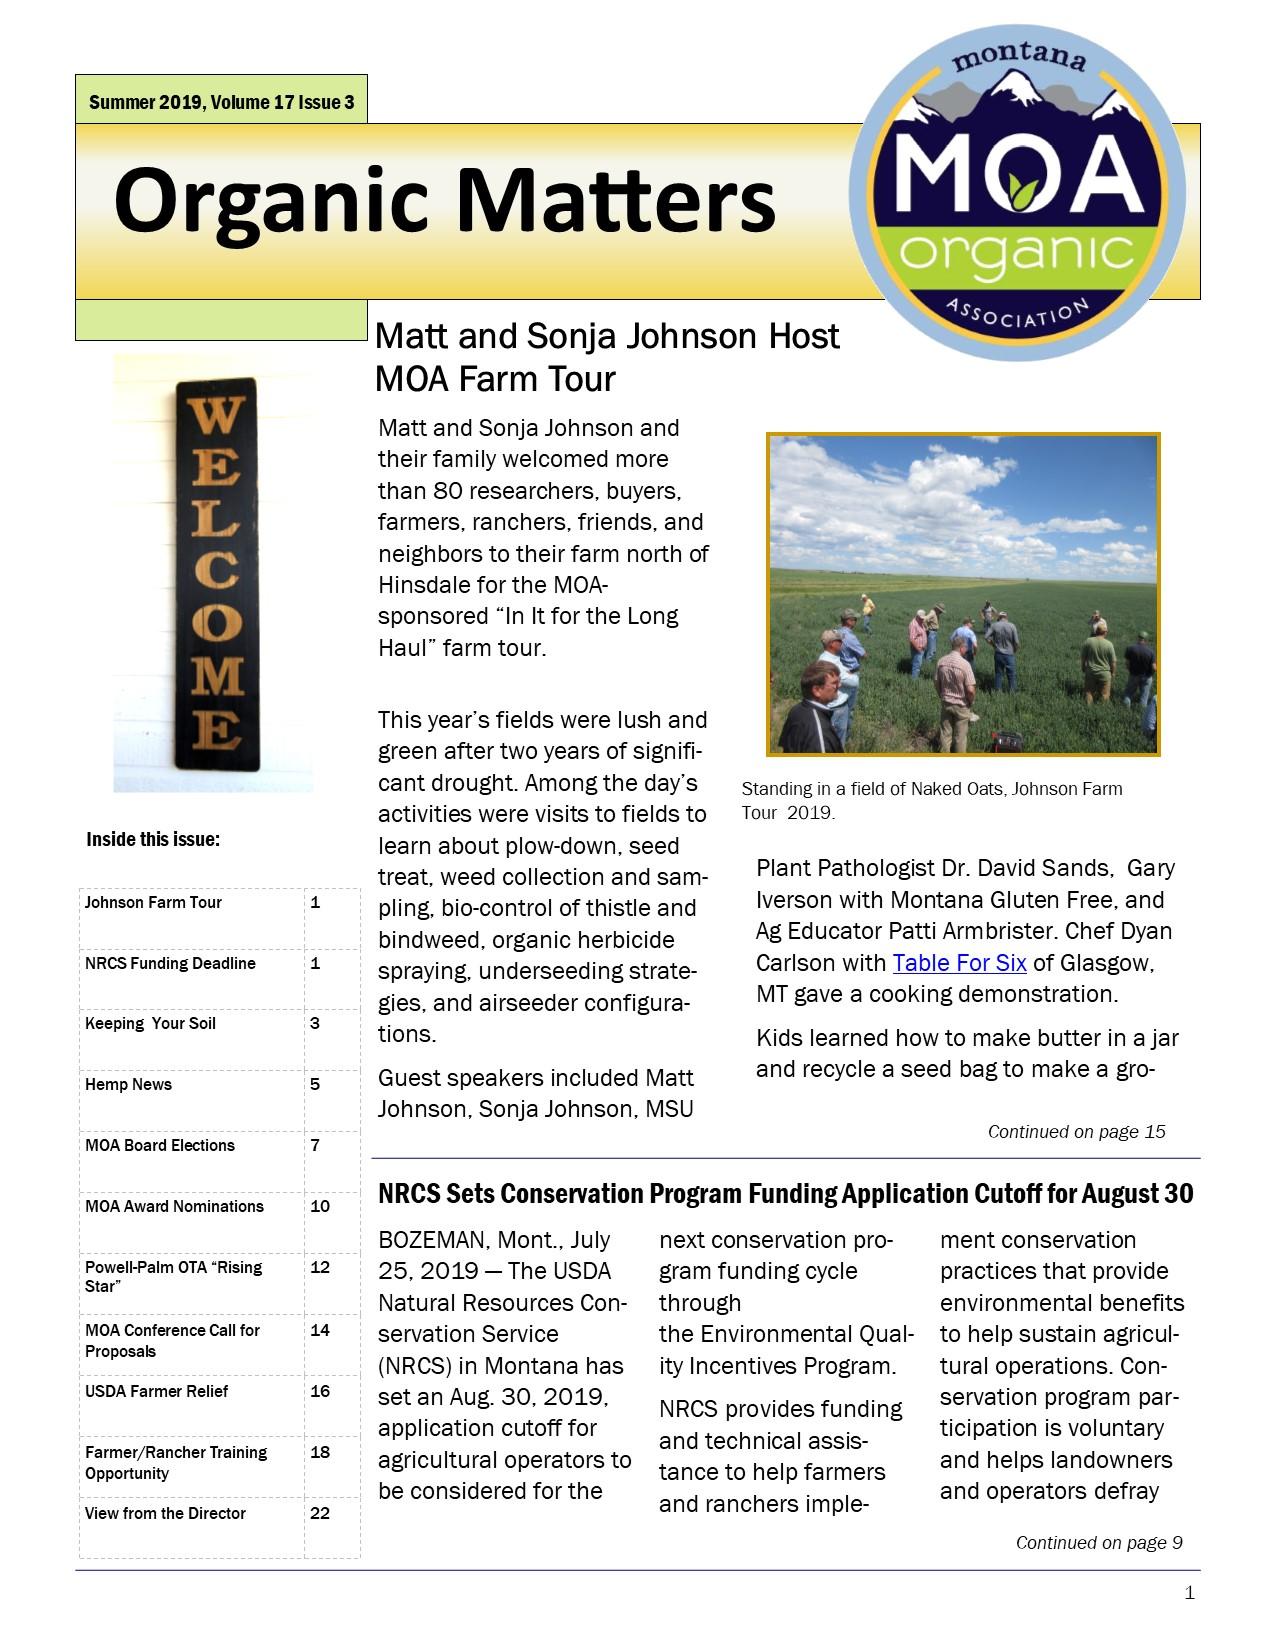 Organic Matters Summer 2019